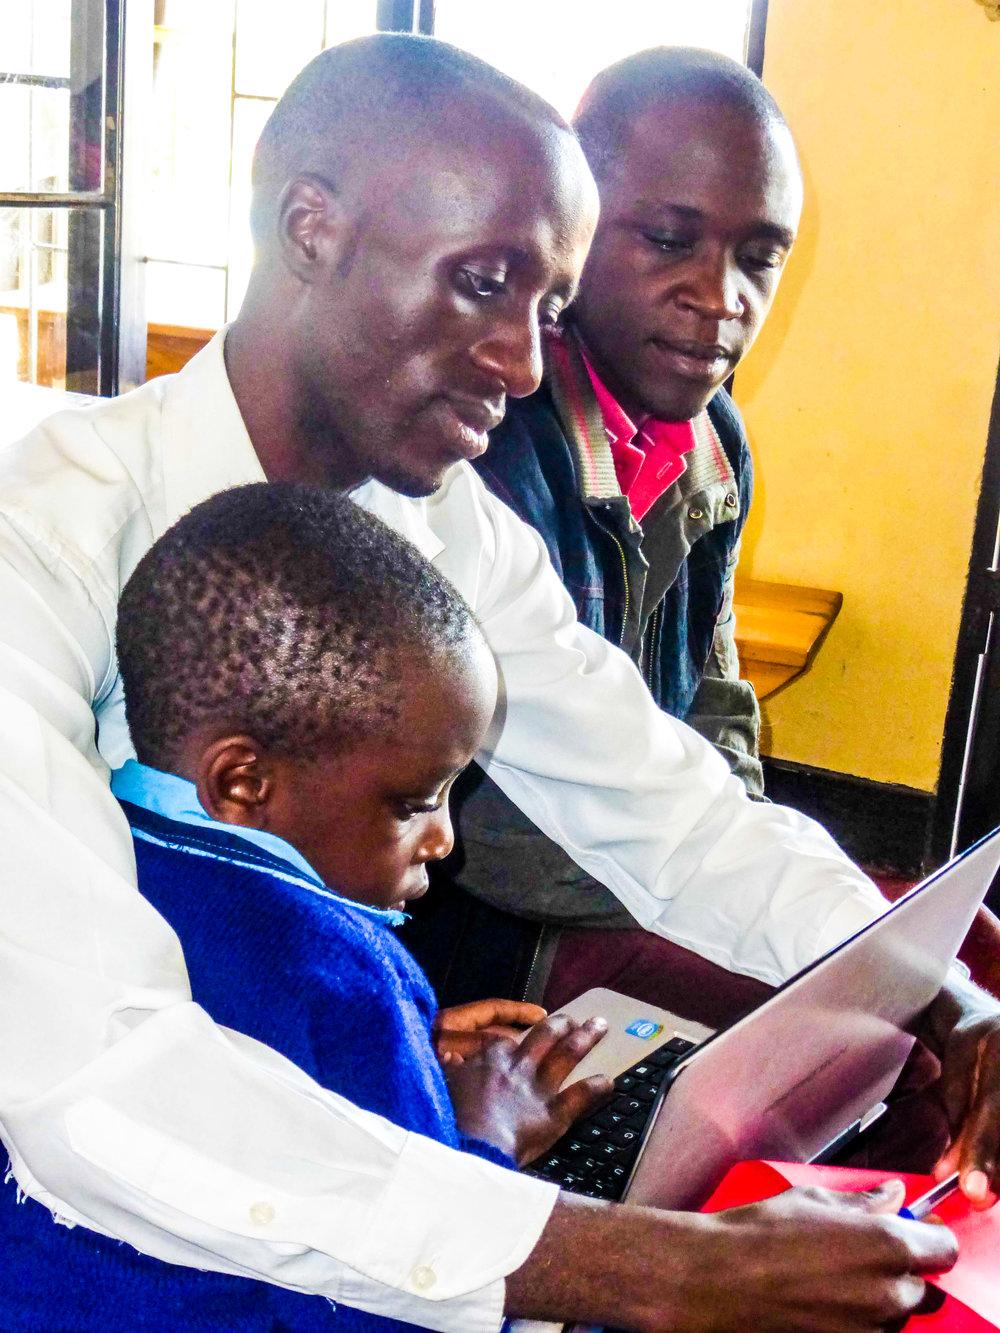 Dad teacher child.jpg